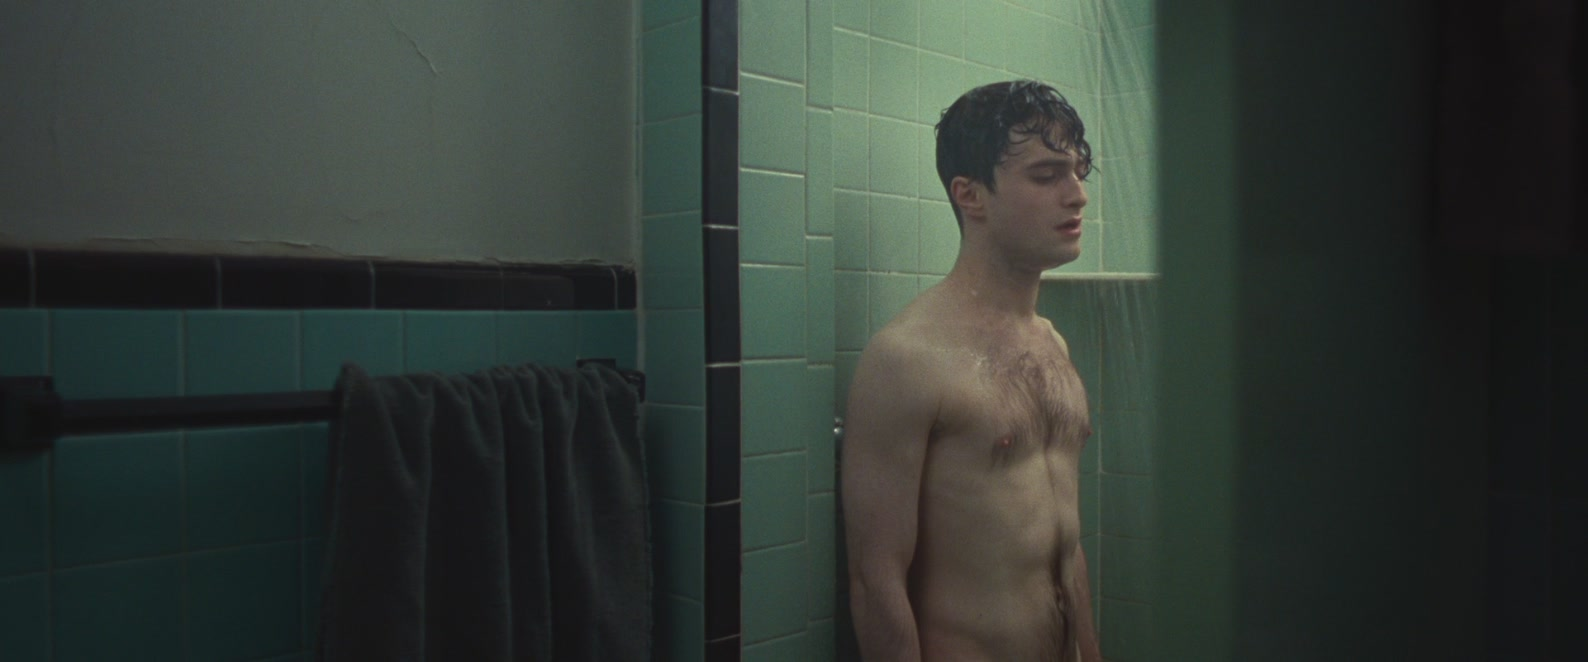 Locker room nude guys men